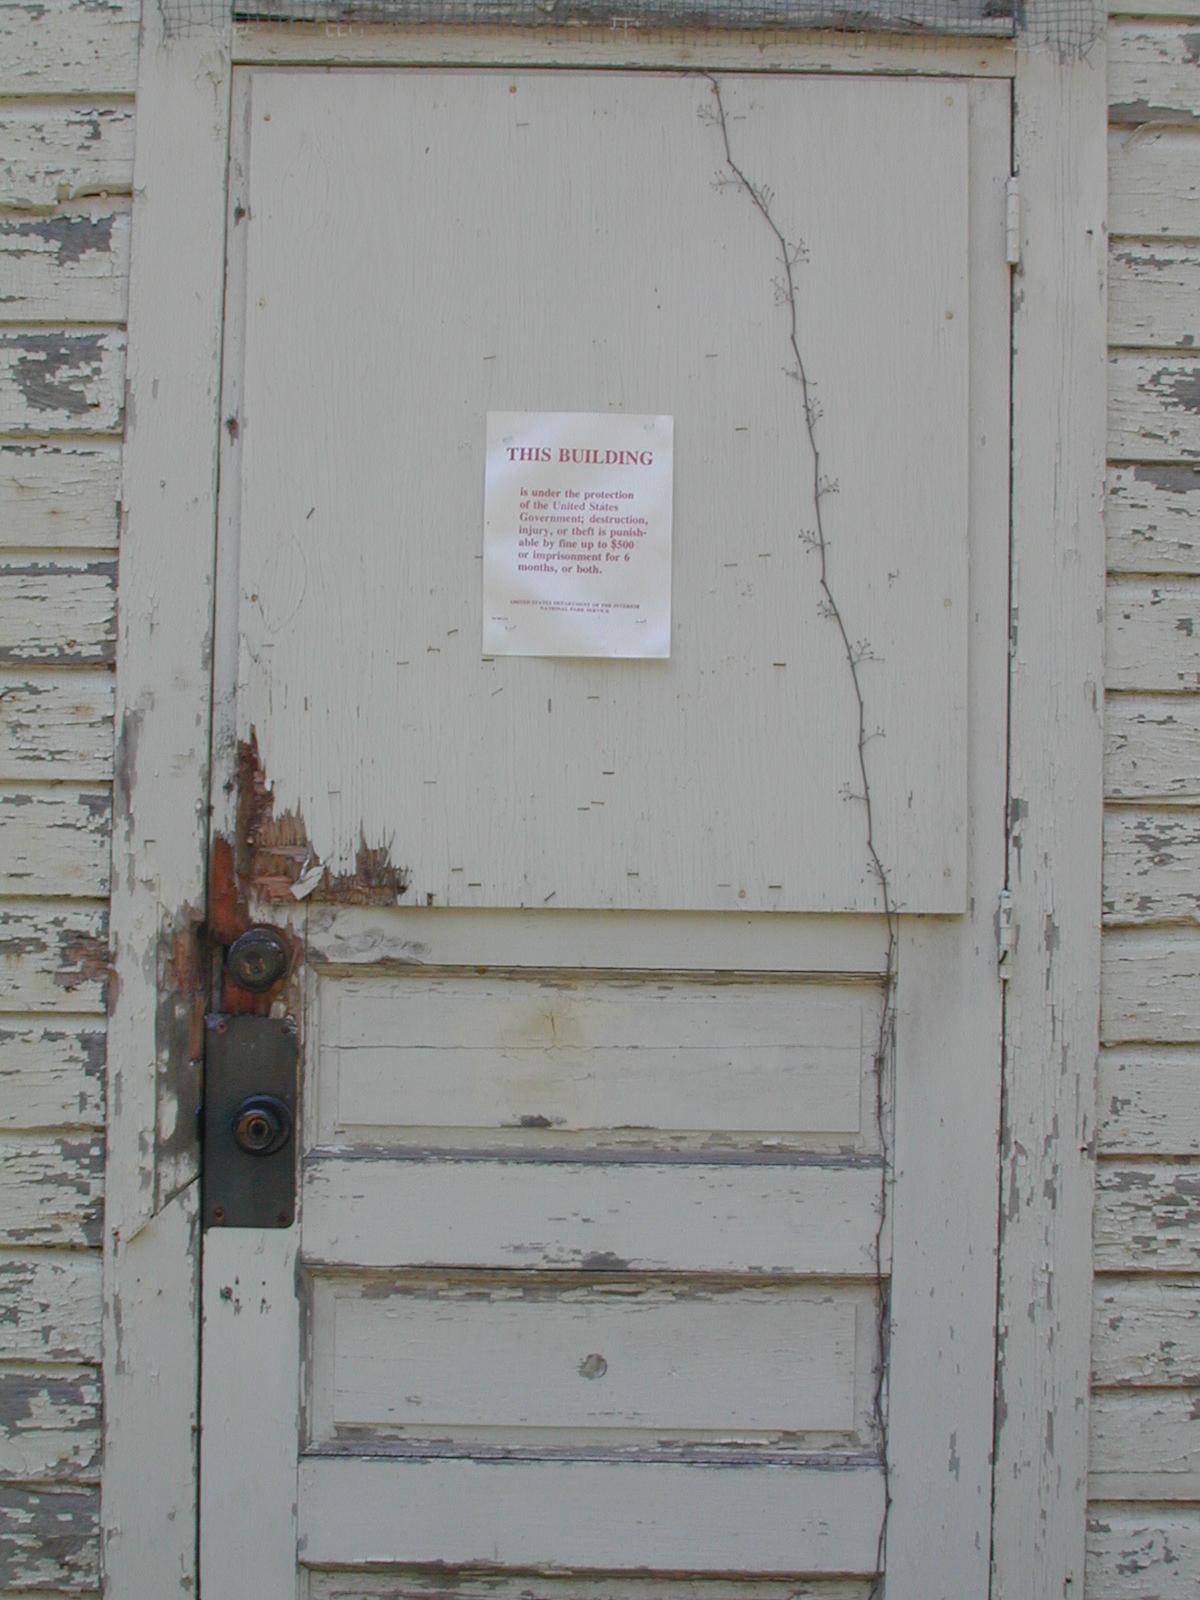 Calno schoolhouse, park service notice